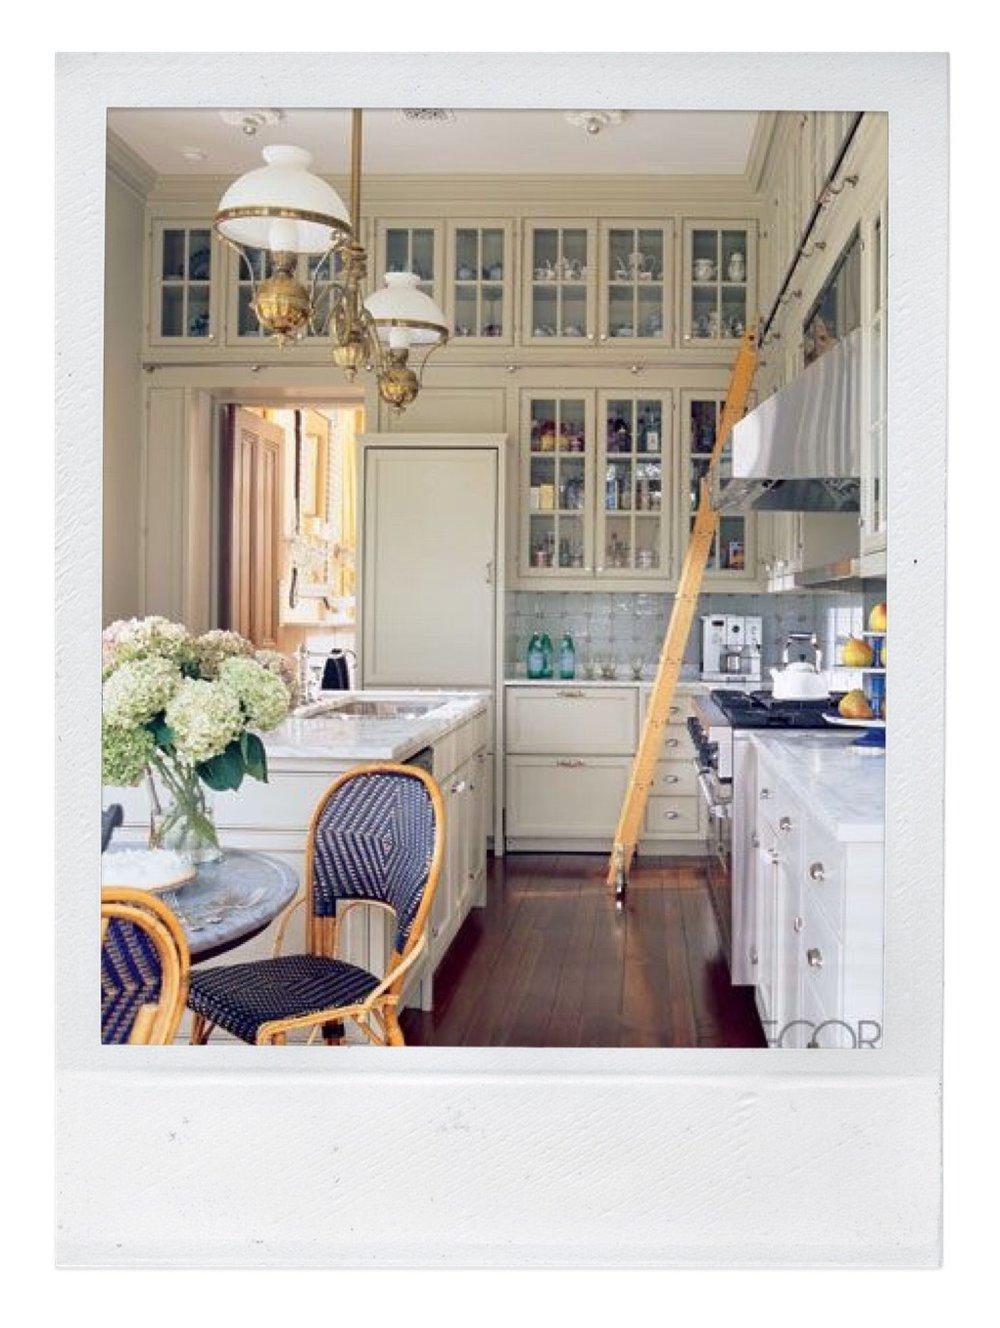 bistro chairs in kitchen